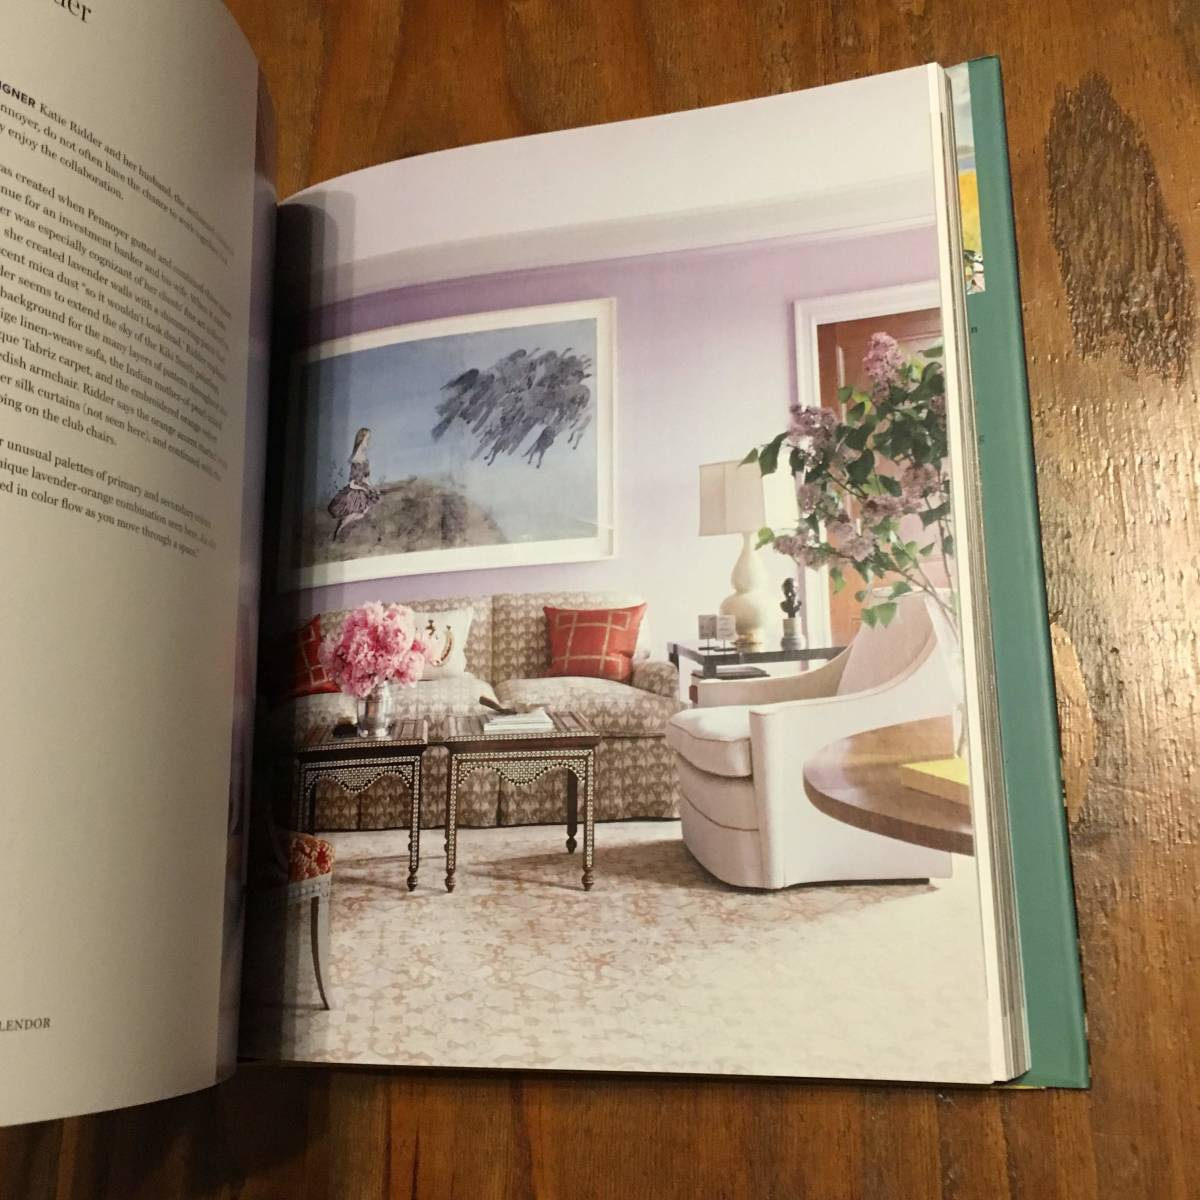 2018年 New York Splendor The City's Most Memorable Rooms Wendy Moonan Robert A.M Stern Rizzoli ニューヨーク luxury 部屋 デザイン_画像5